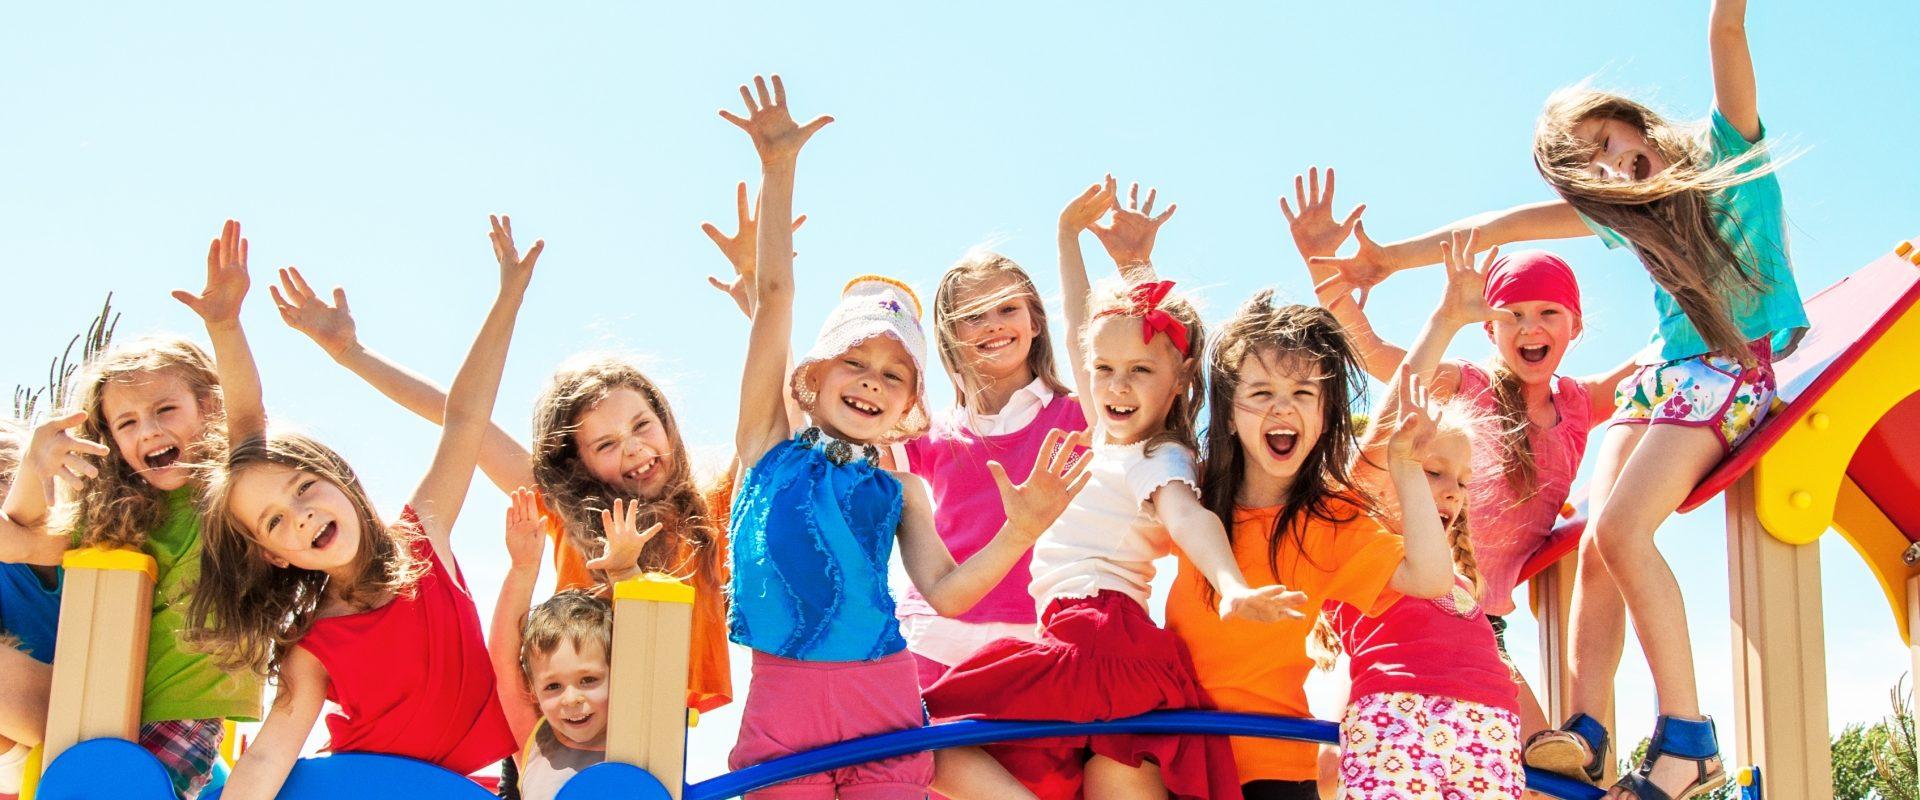 Elektrolity dla dzieci - kiedy je stosować? Grupa kolorowo ubranych szczęśliwych dzieci stoi na mostku.